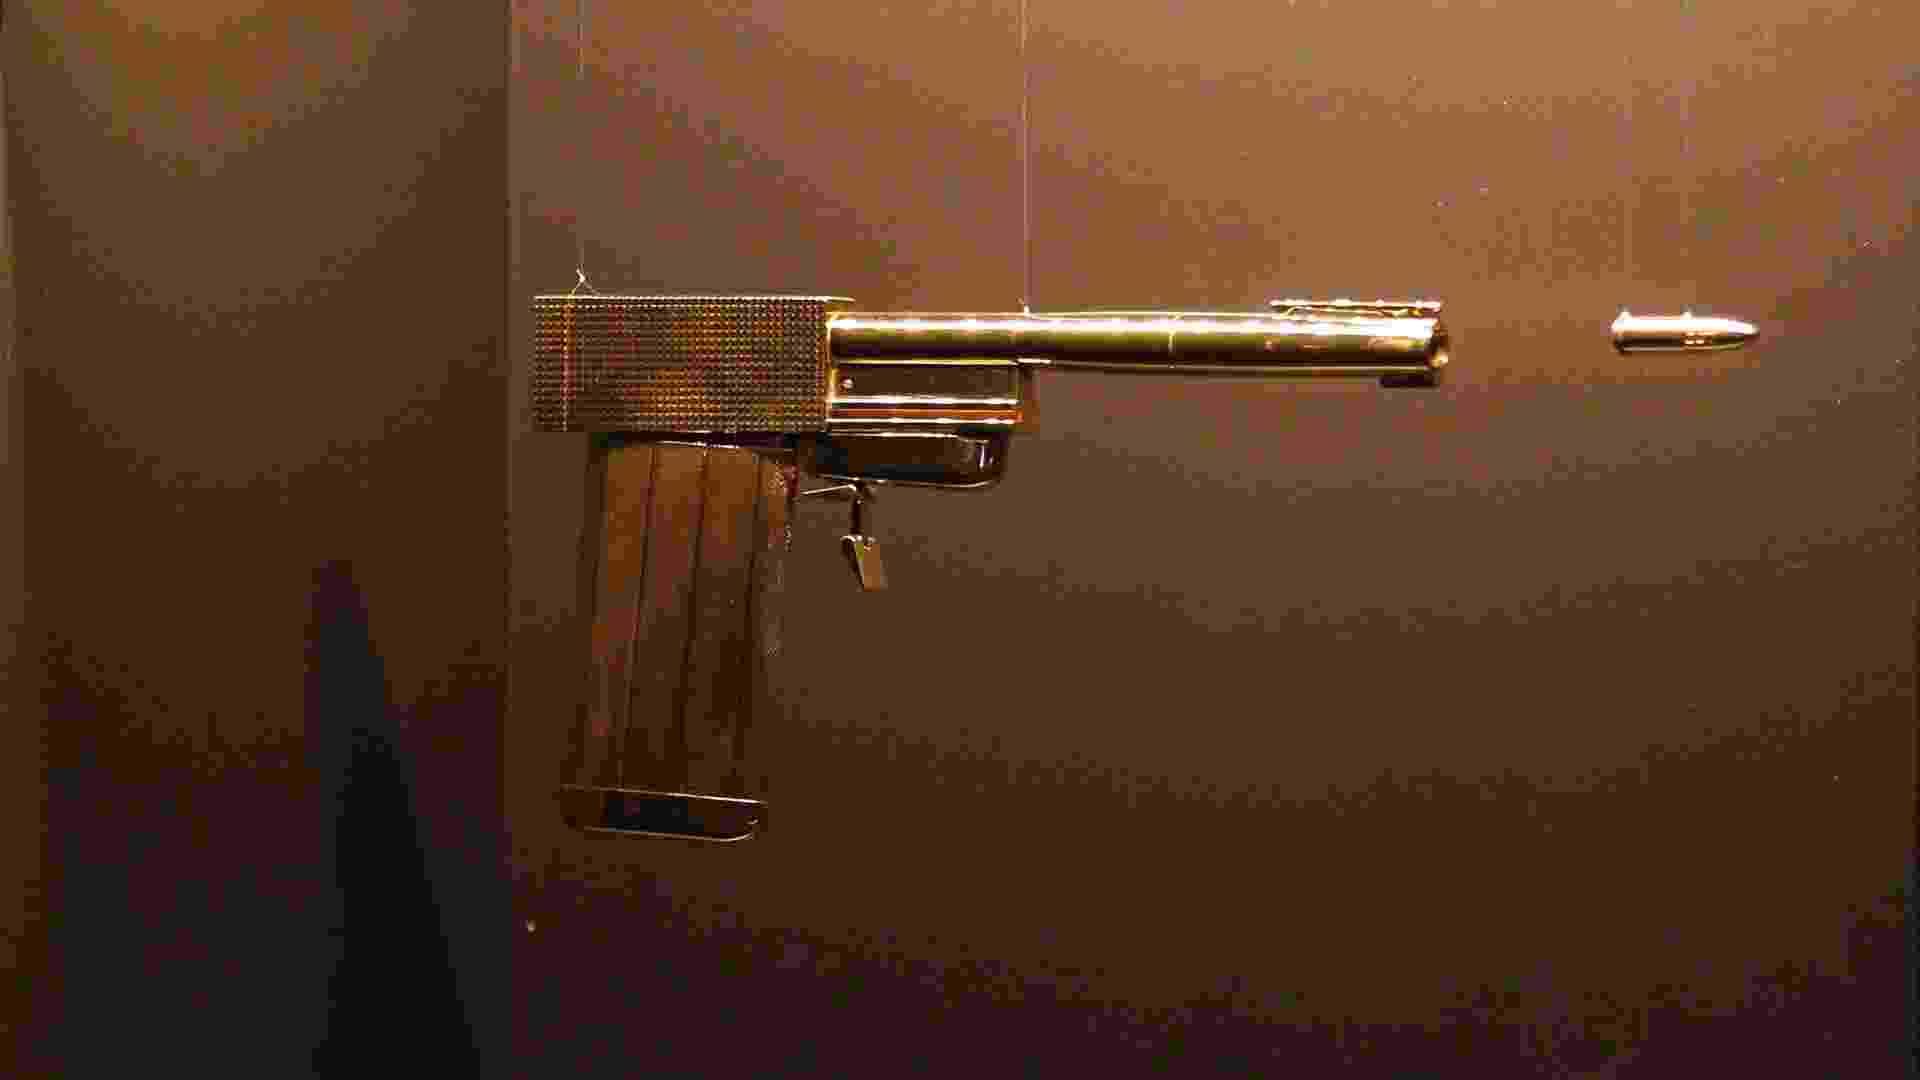 """A pistola de ouro usada em """"007 contra o Homem da Pistola de Ouro"""" de 1974, é uma das peças expostas na exposição em homenagem aos cinquenta anos da saga 007, no centro Barbican, em Londres, a partir desta quinta-feira (5)  - AP"""